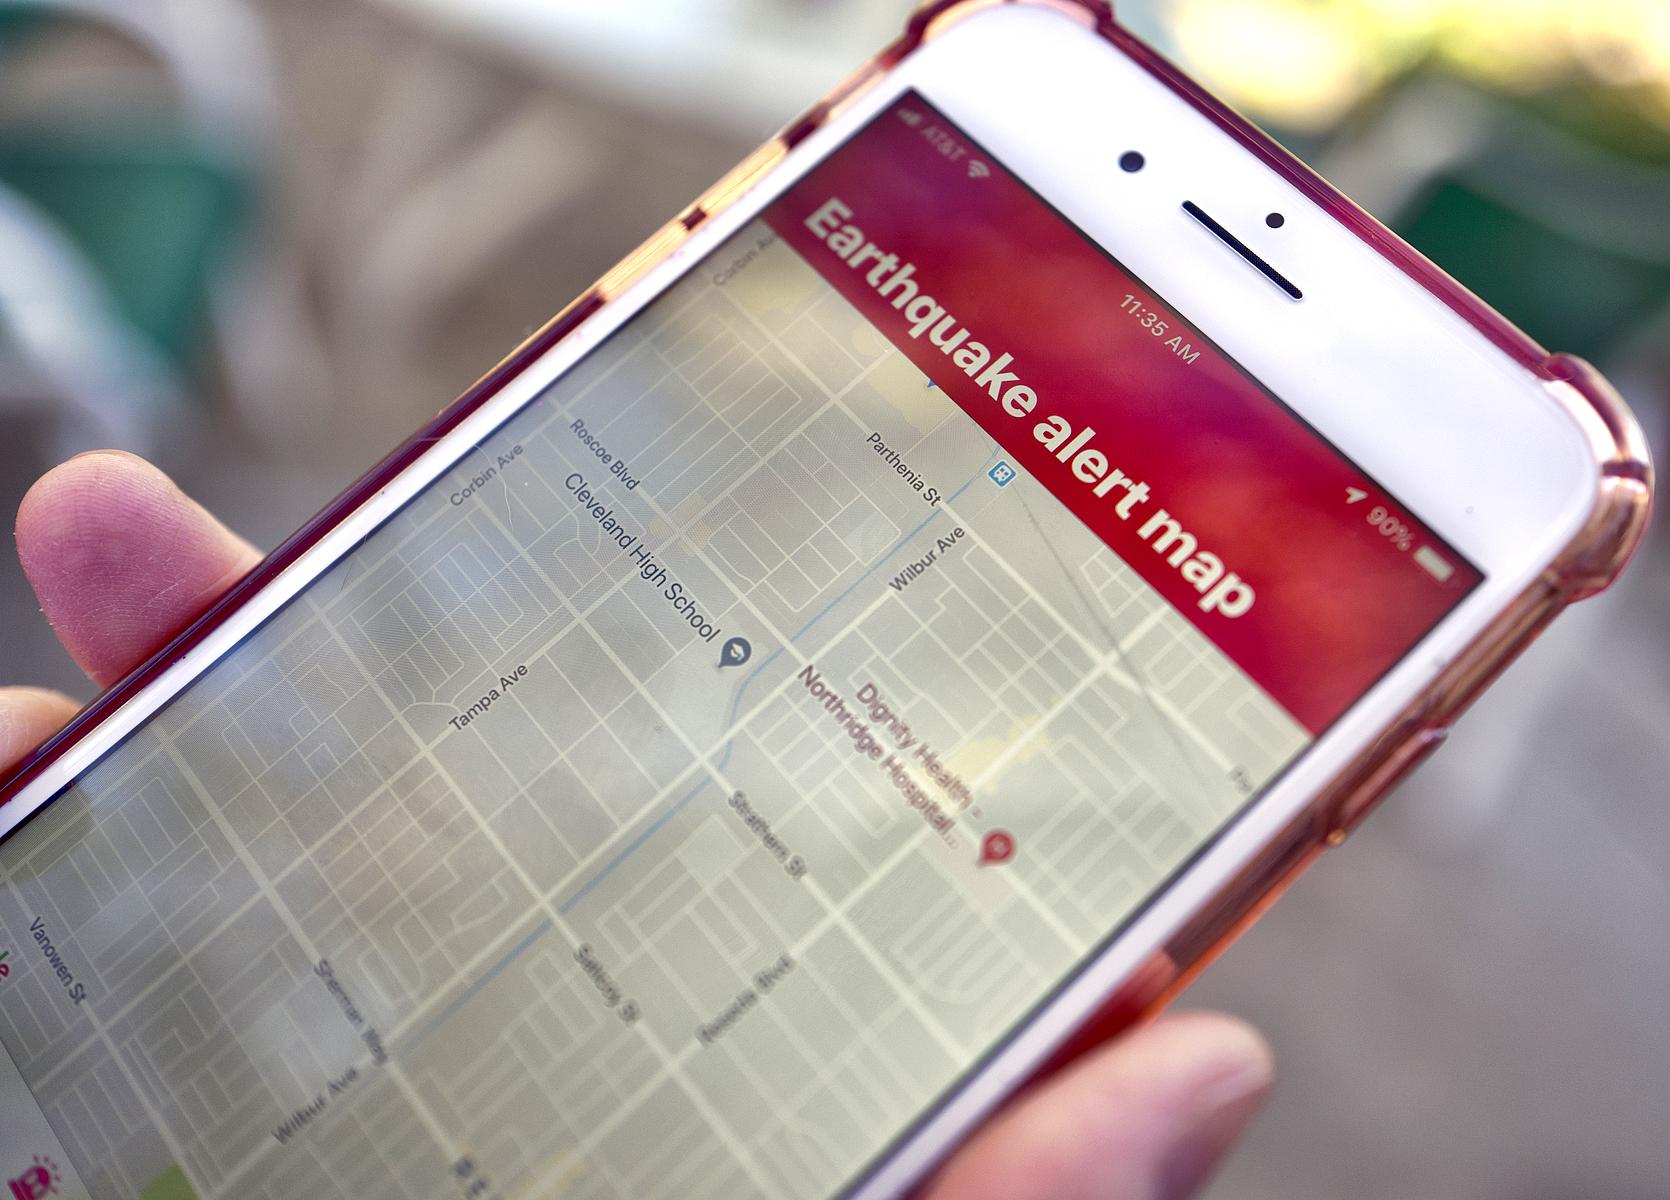 谷歌将加州地震预警系统添加至安卓手机基本操作系统中